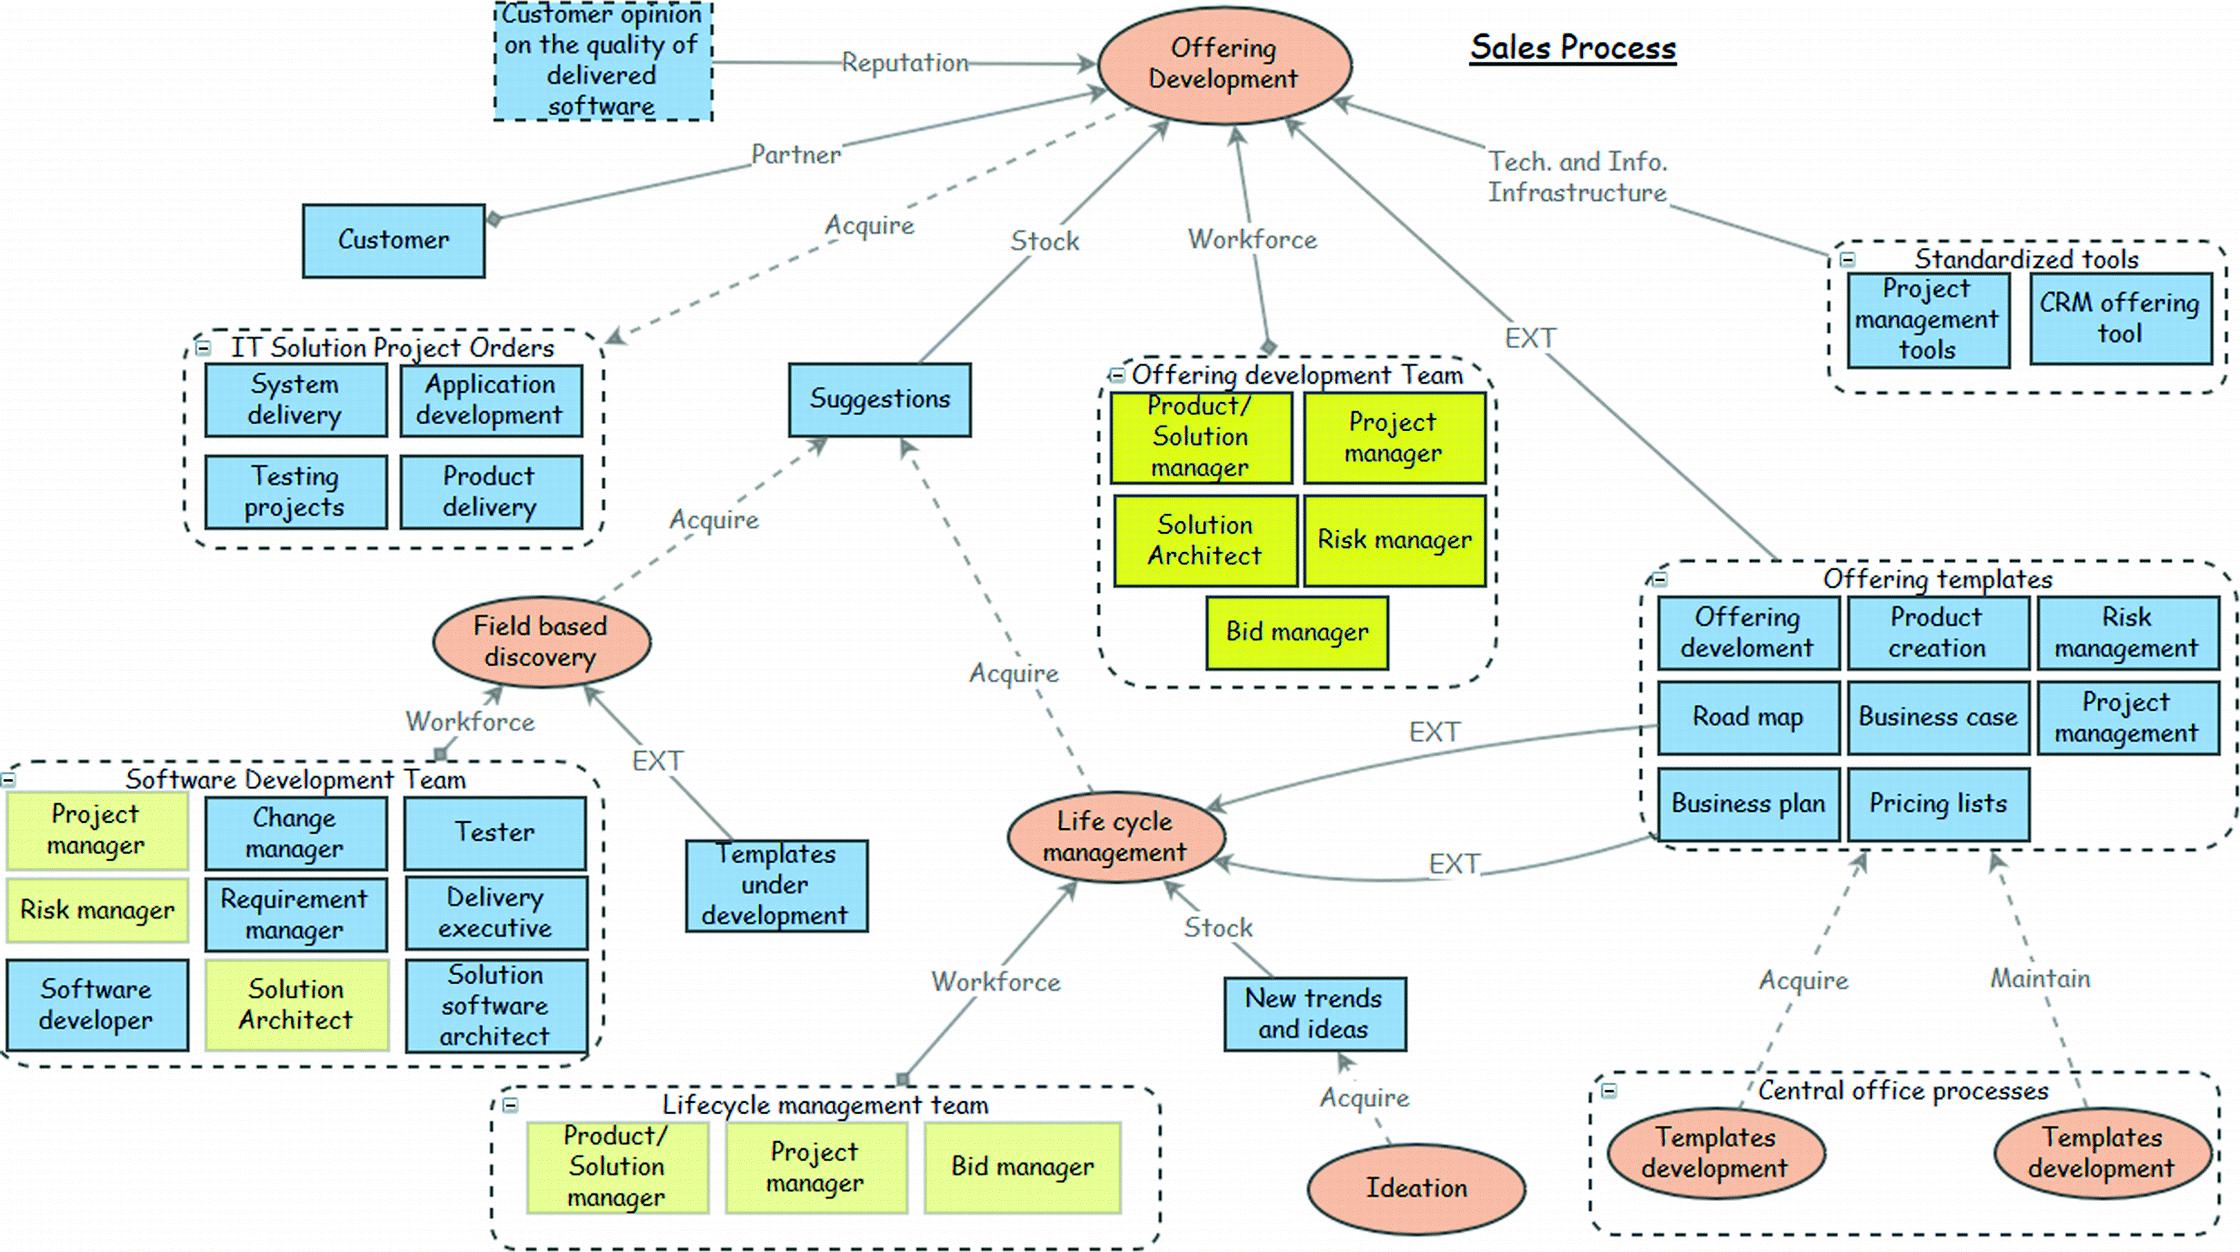 Evaluating Usefulness of a Fractal Enterprise Model